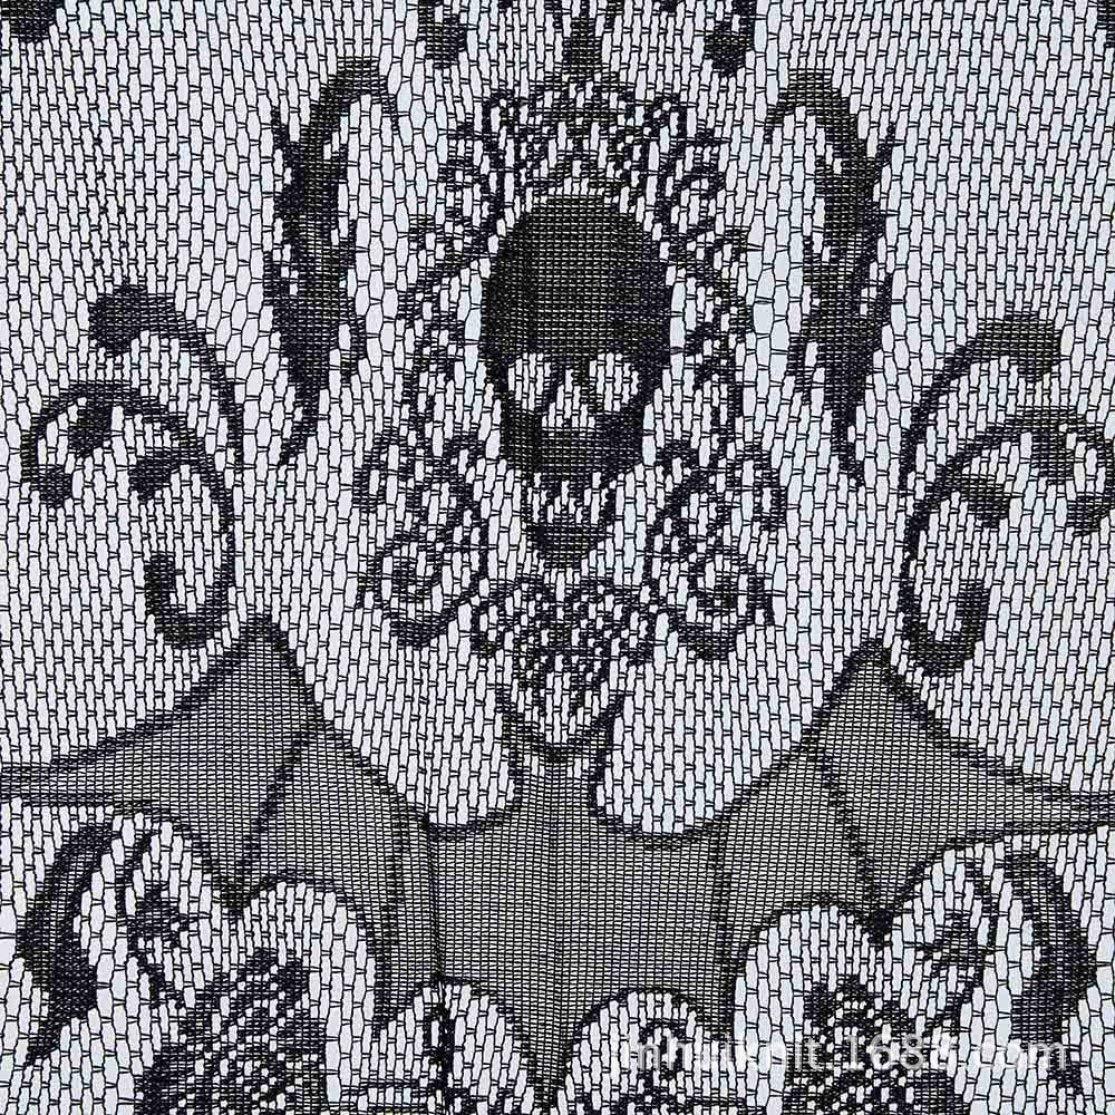 Kaemma Decoraci/ón de Halloween Cortina de Cabeza de Calavera de Halloween Cortina de Cabeza de Calavera de Encaje de Halloween Cortina de Cabeza de Calavera de Terror con Borla Color: Negro